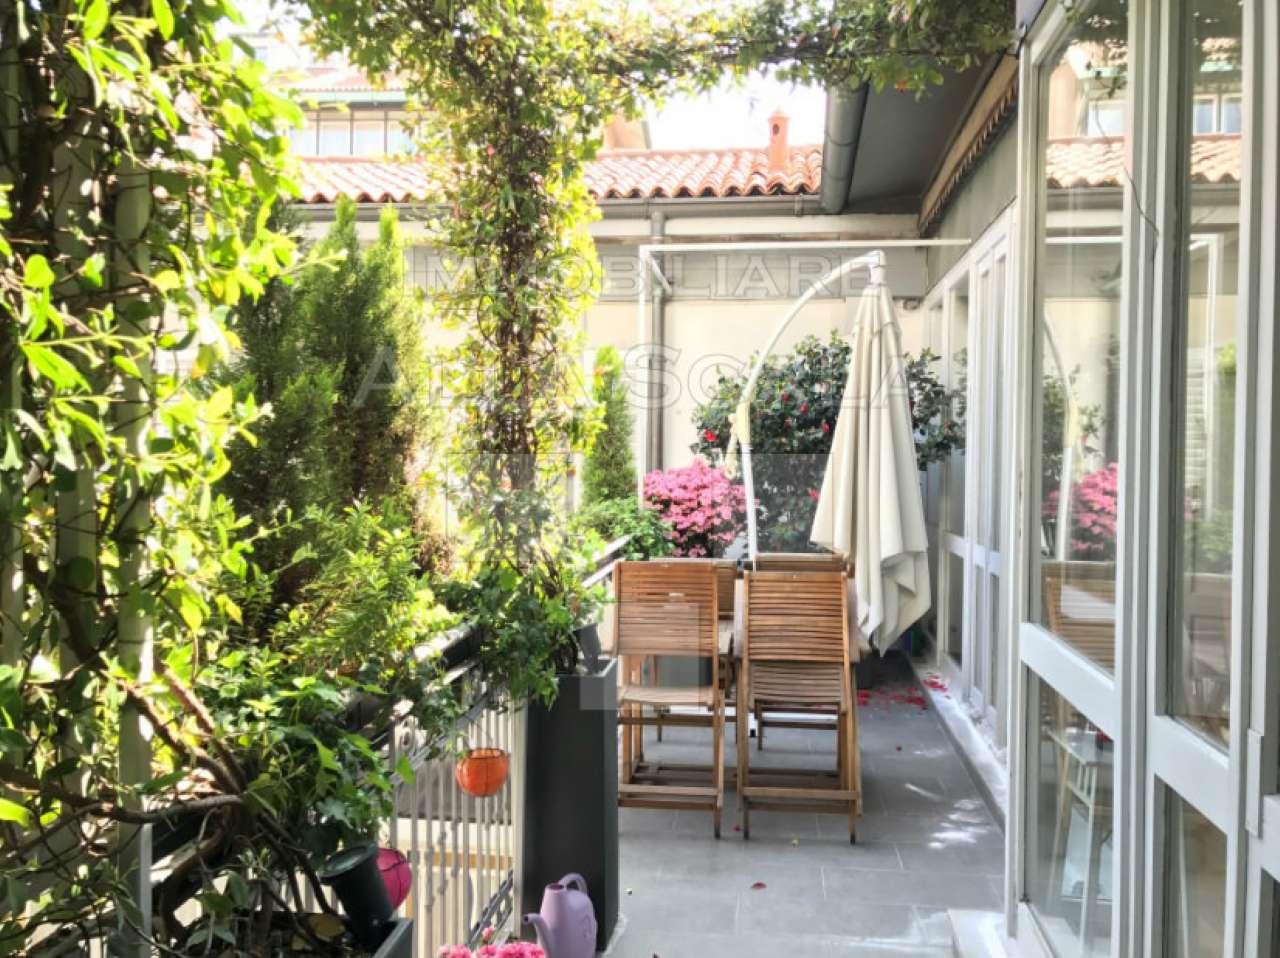 Attico / Mansarda in affitto a Milano, 4 locali, zona Zona: 1 . Centro Storico, Duomo, Brera, Cadorna, Cattolica, prezzo € 3.165 | Cambio Casa.it